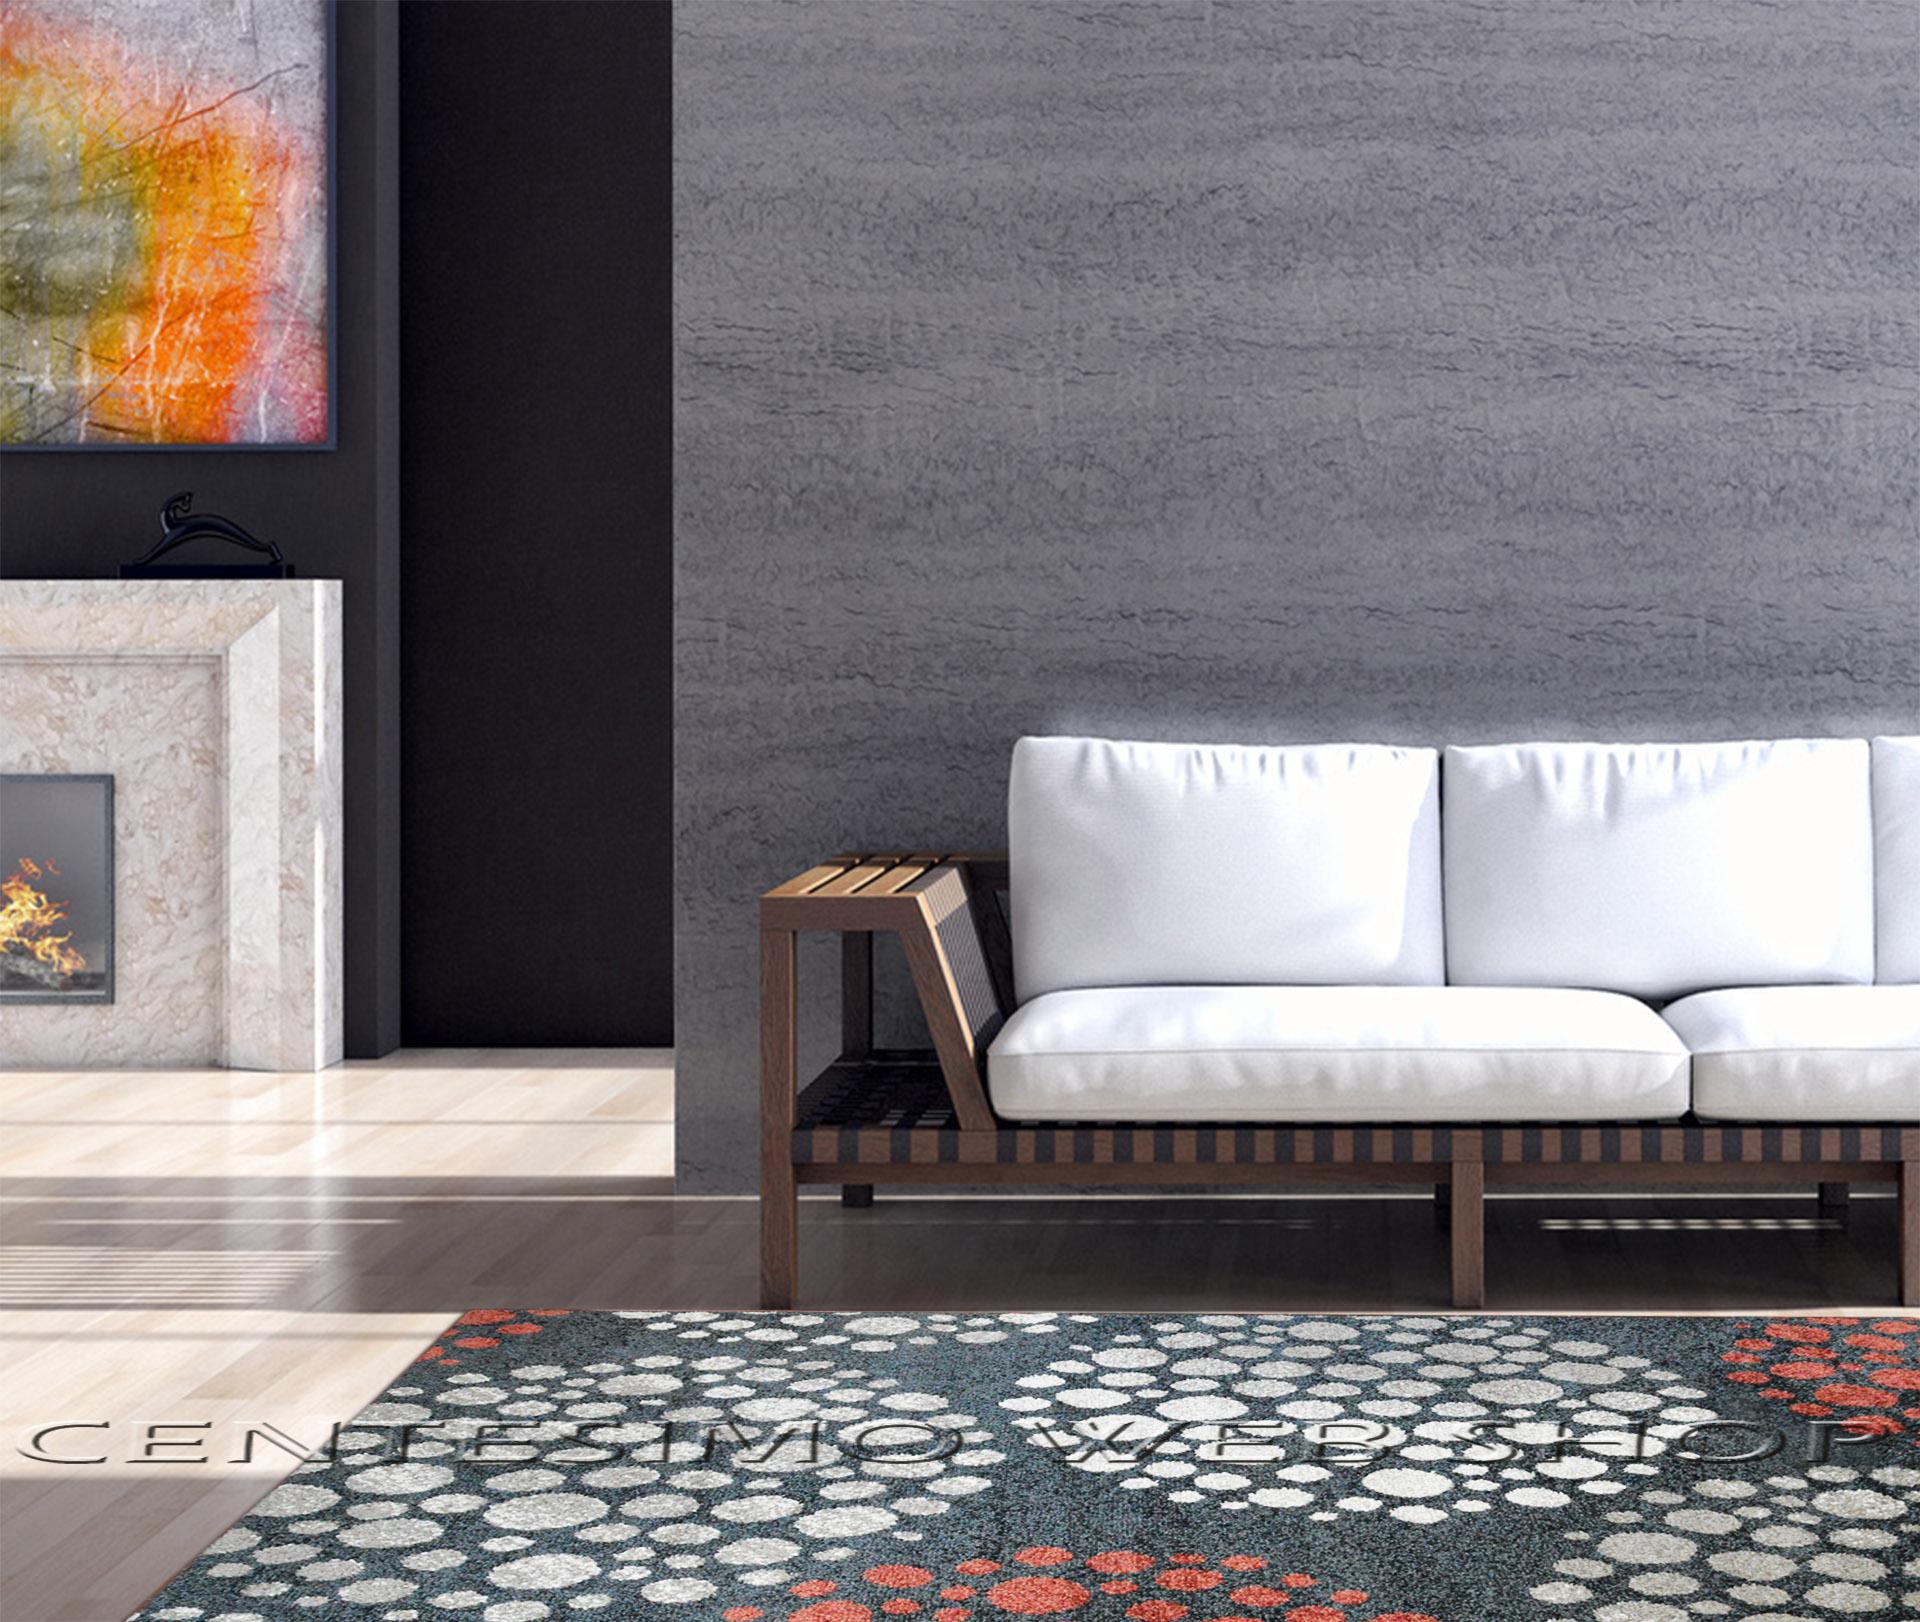 Camerette design ragazzi - Tappeto moderno grigio ...